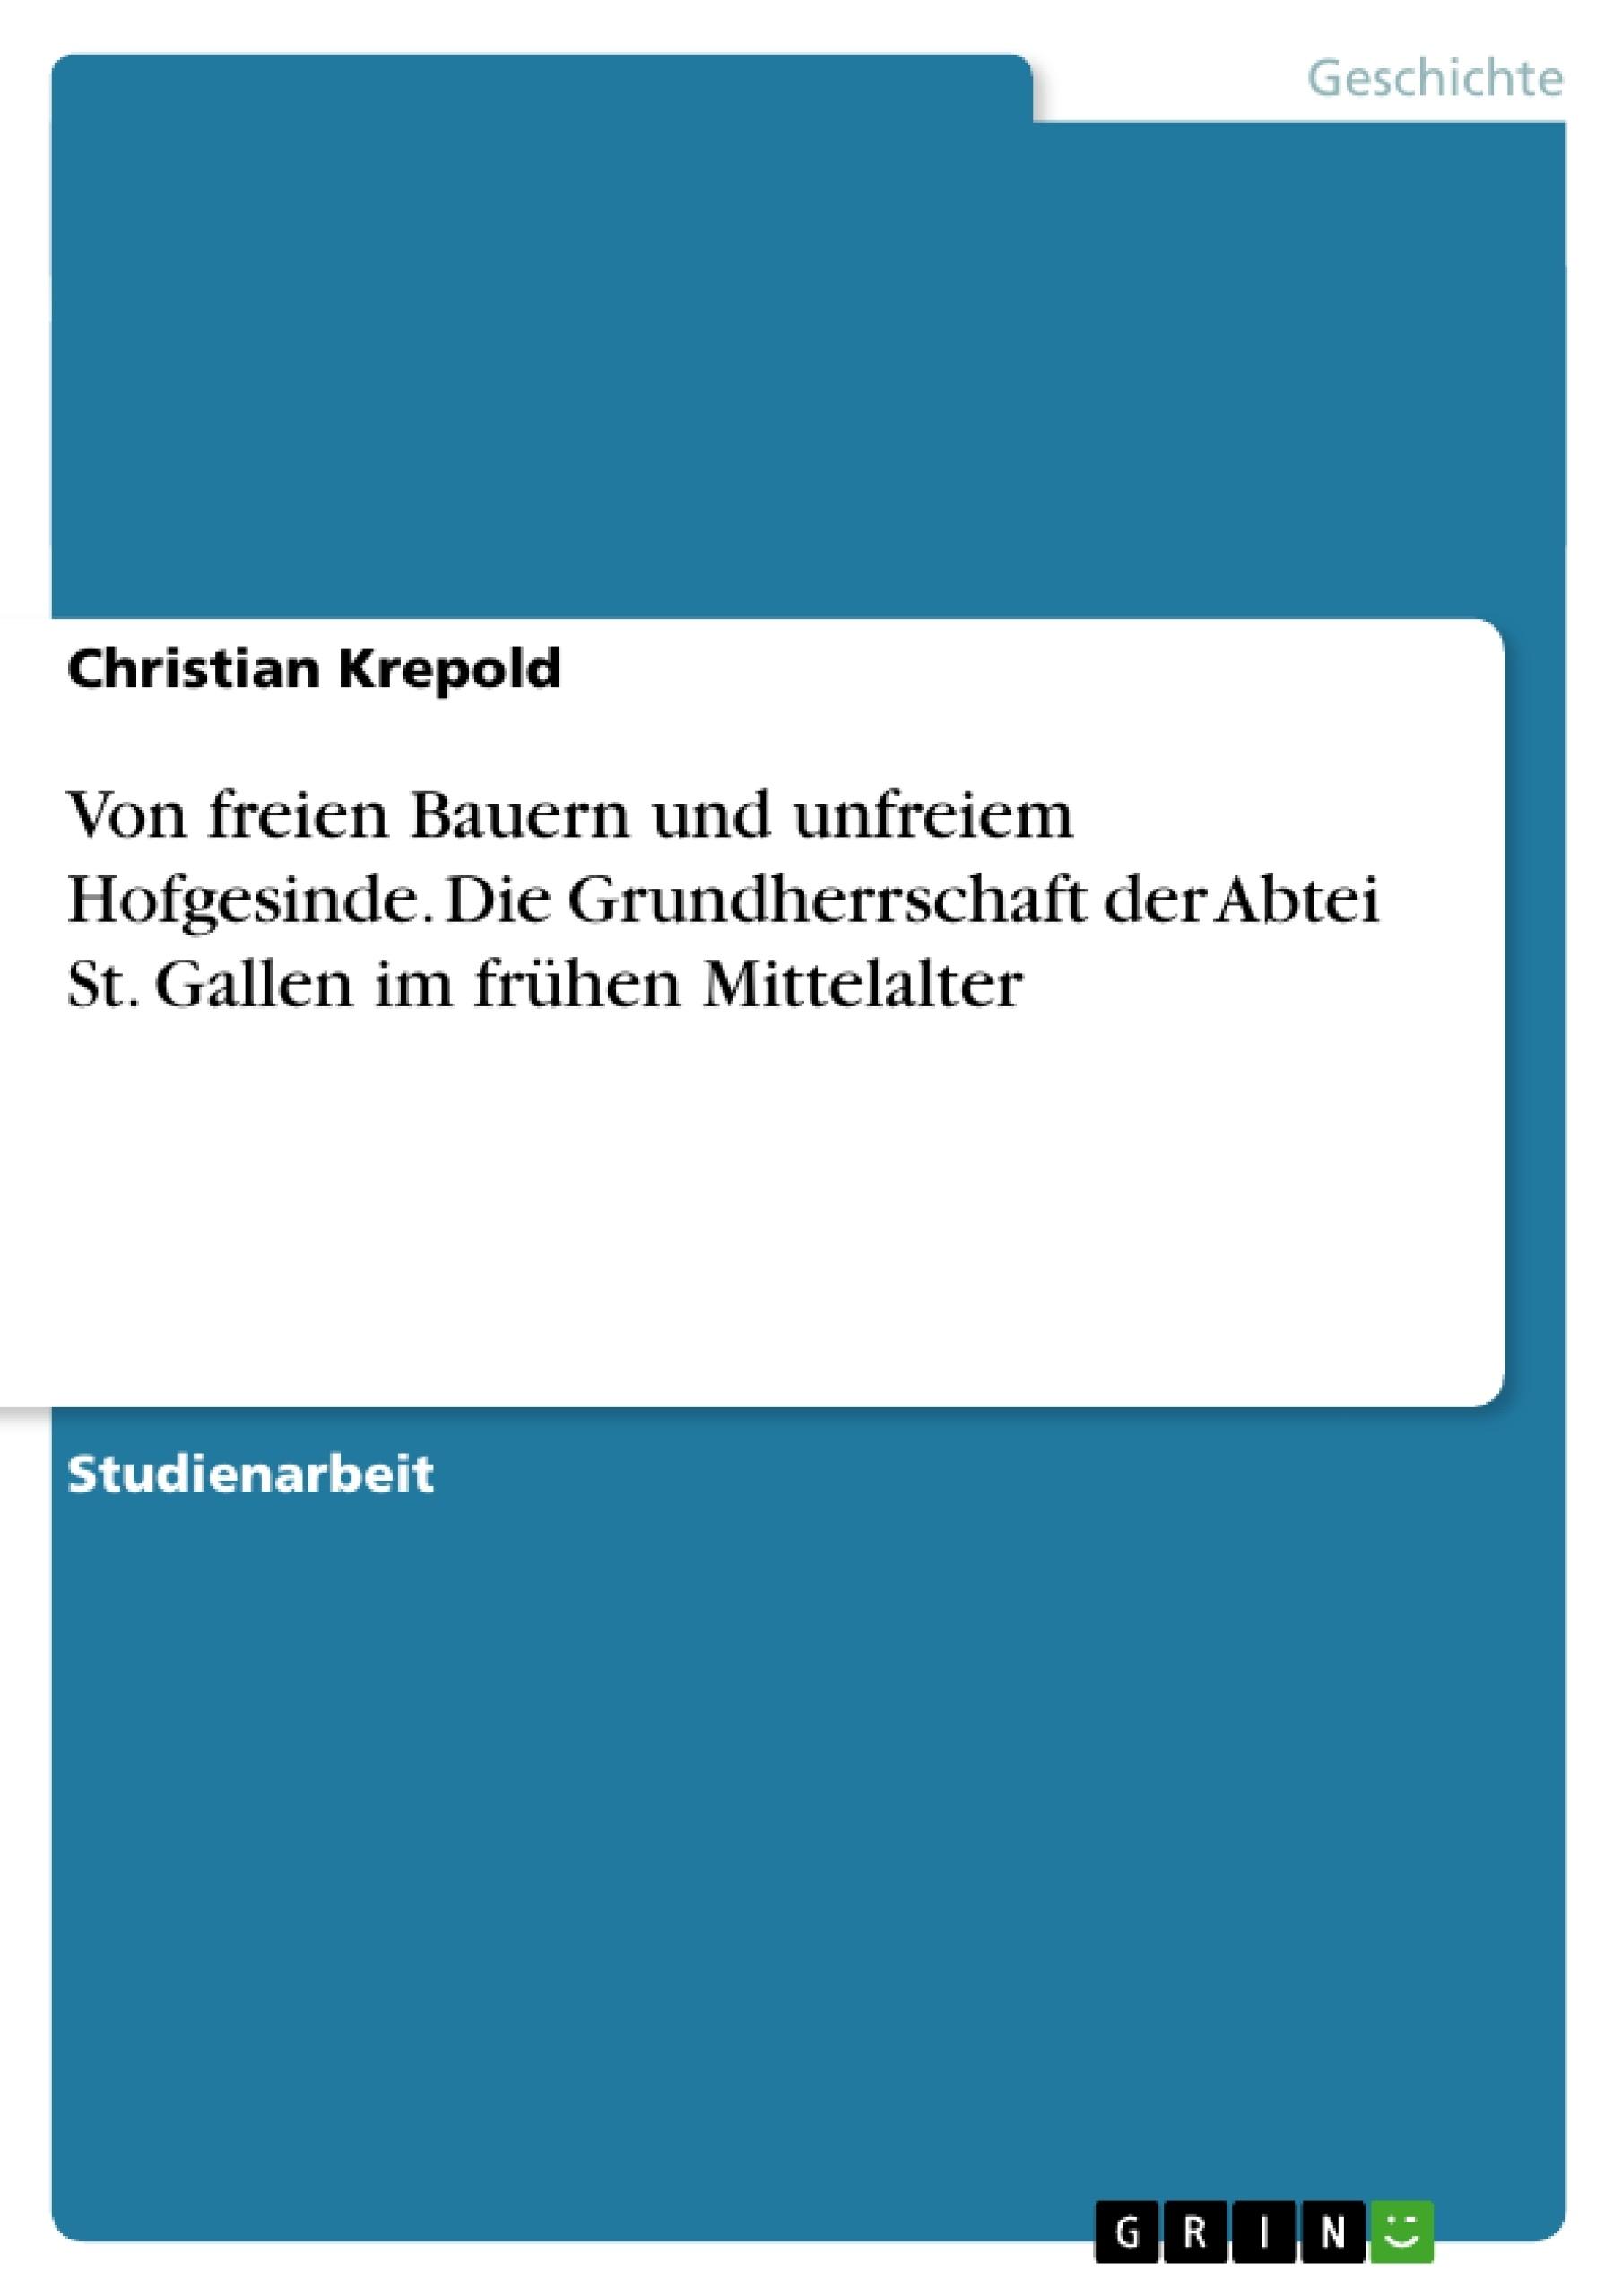 Titel: Von freien Bauern und unfreiem Hofgesinde. Die Grundherrschaft der Abtei St. Gallen im frühen Mittelalter